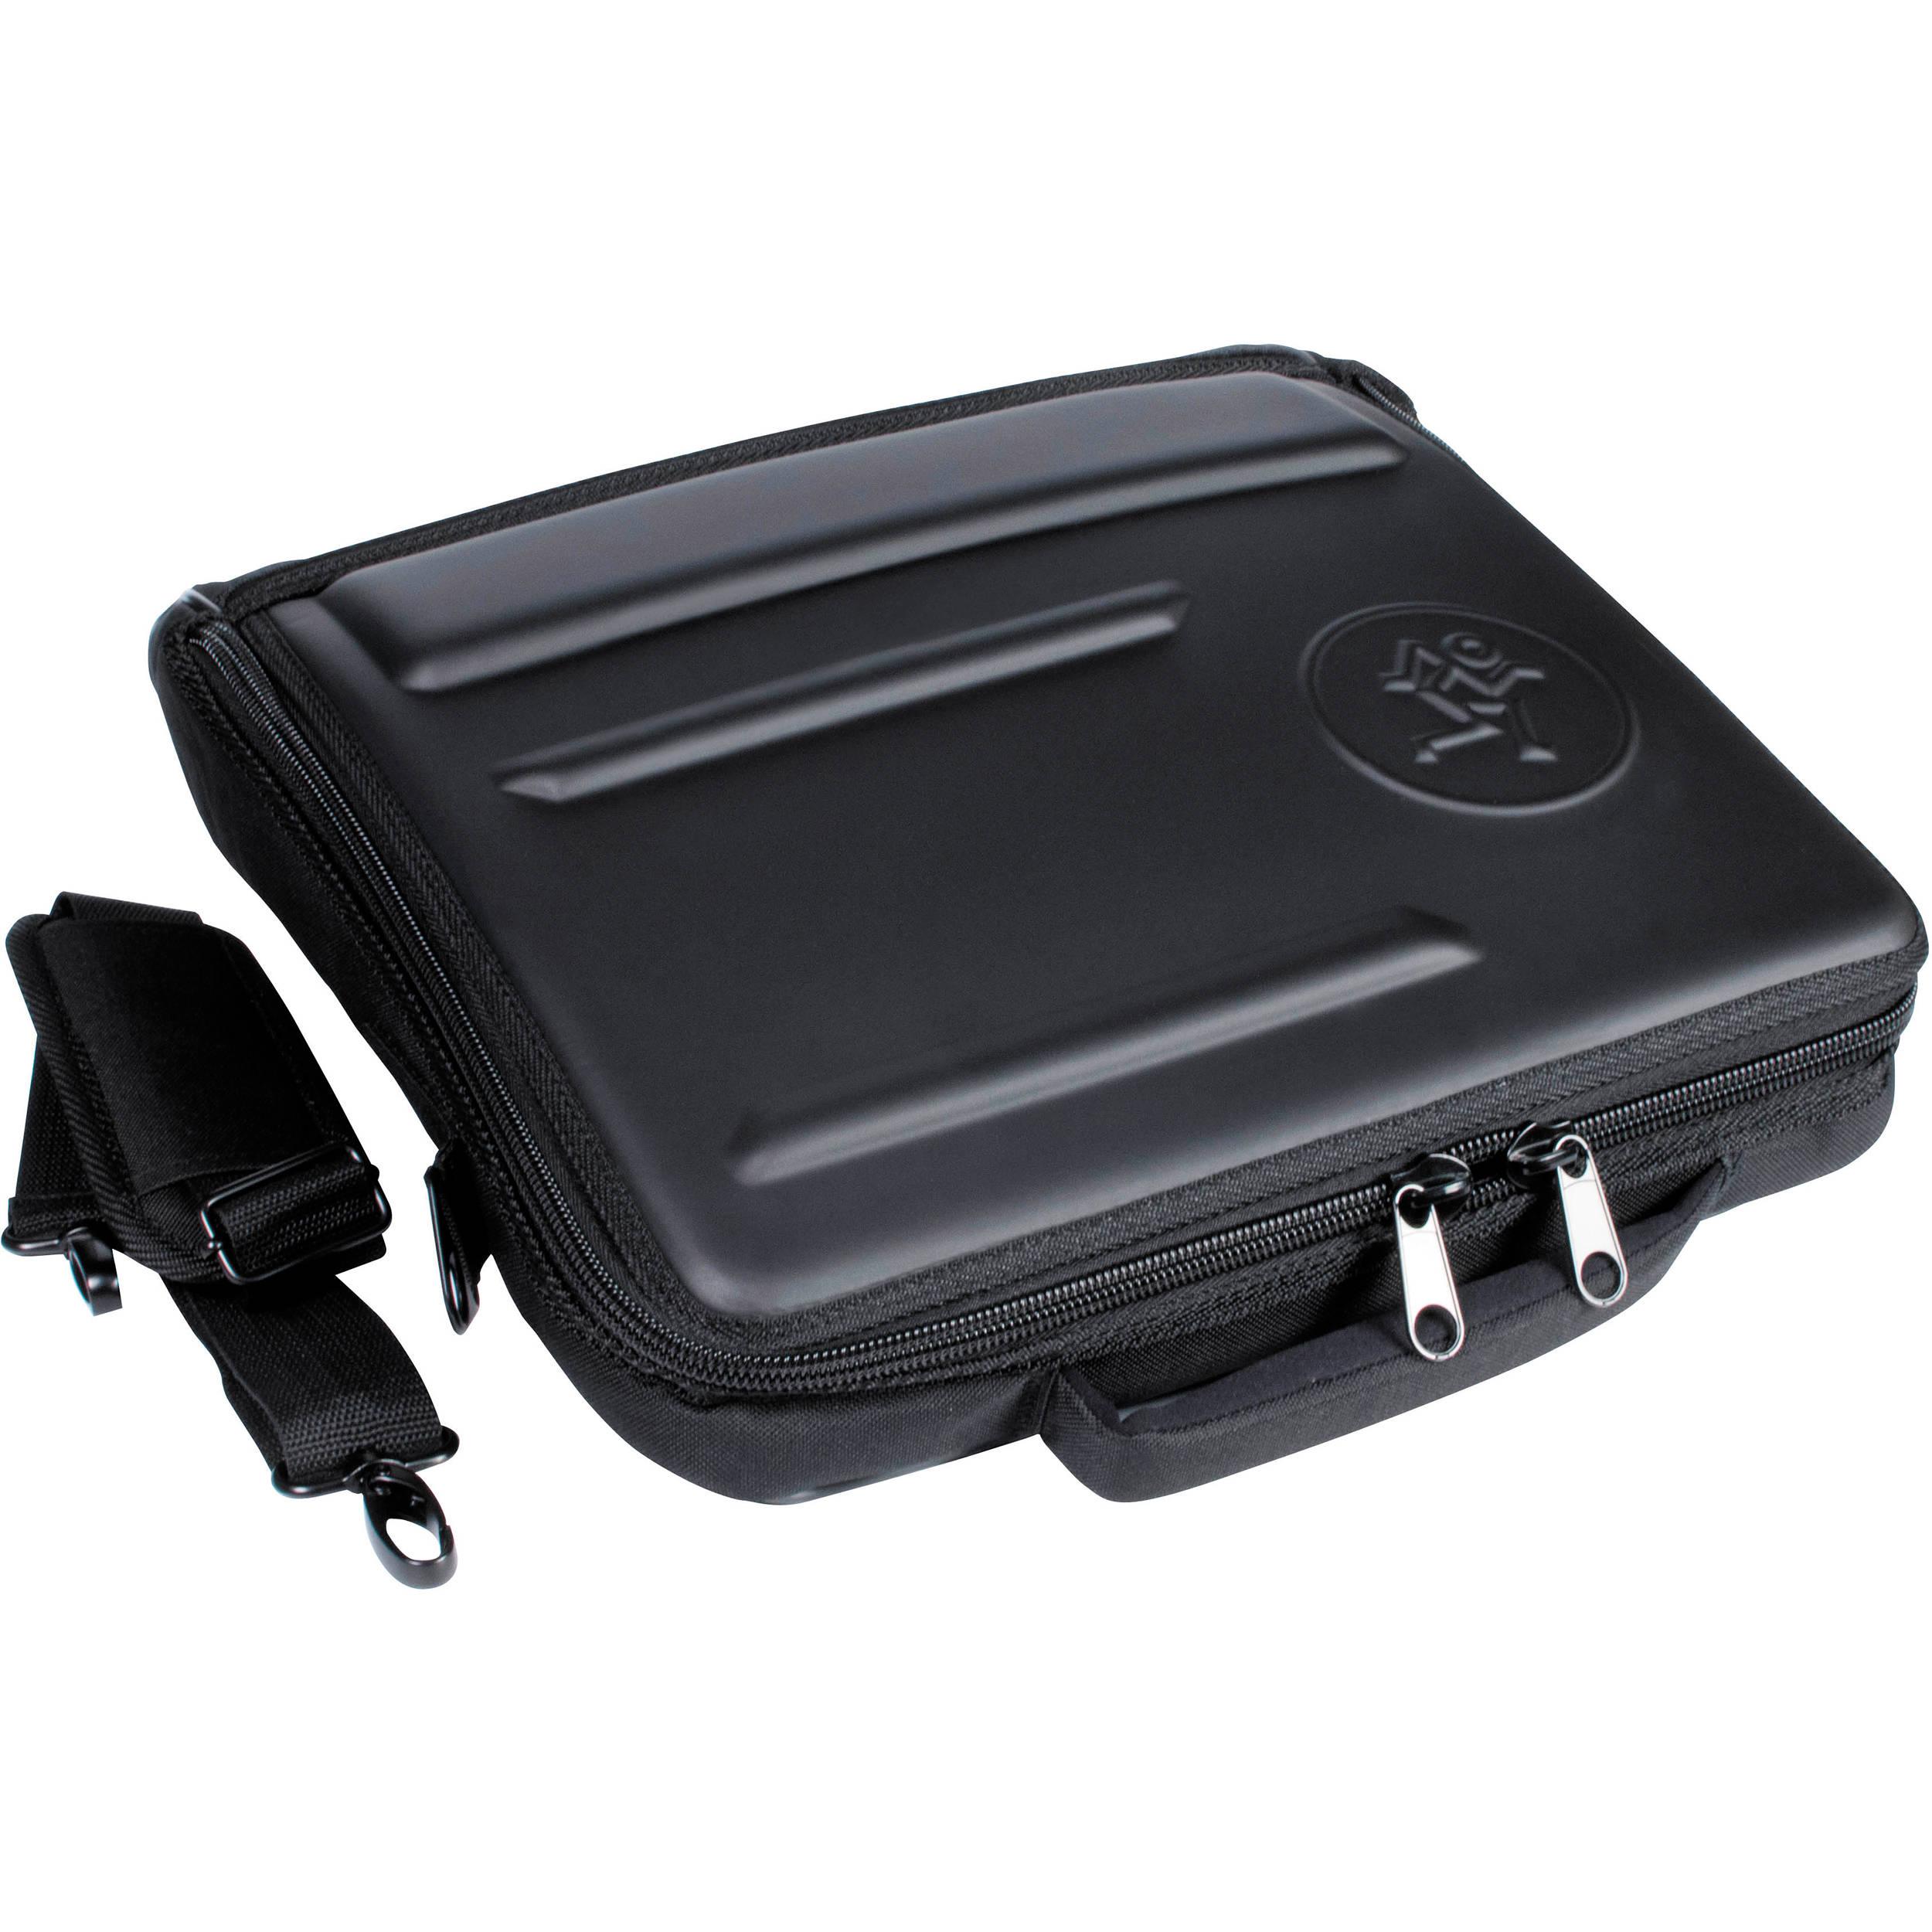 Mackie Mixer Bag For Dl806 And Dl1608 Black Dl806